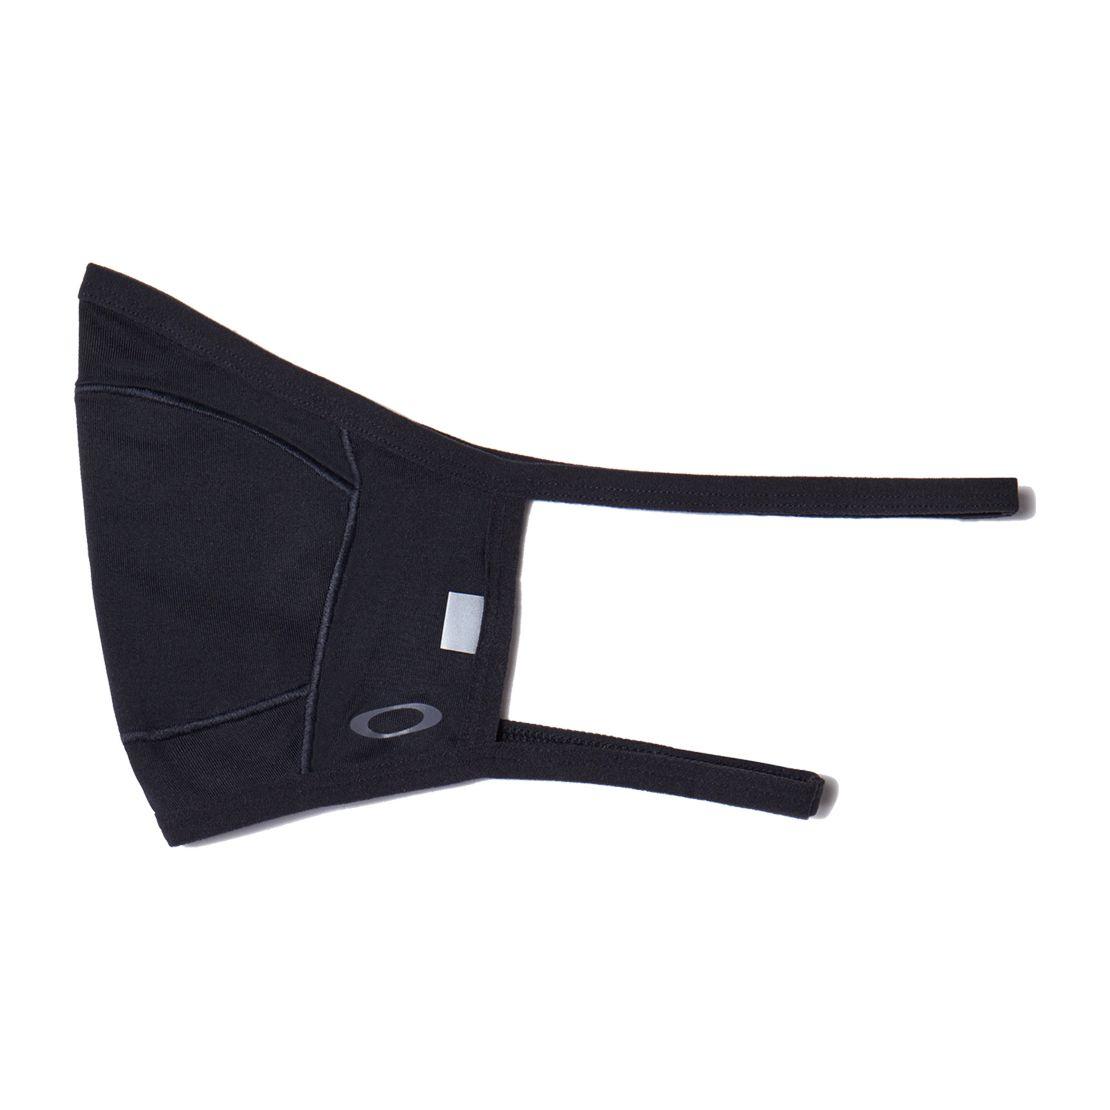 Oakley Maszk Fitted Lite - XS - Blackout